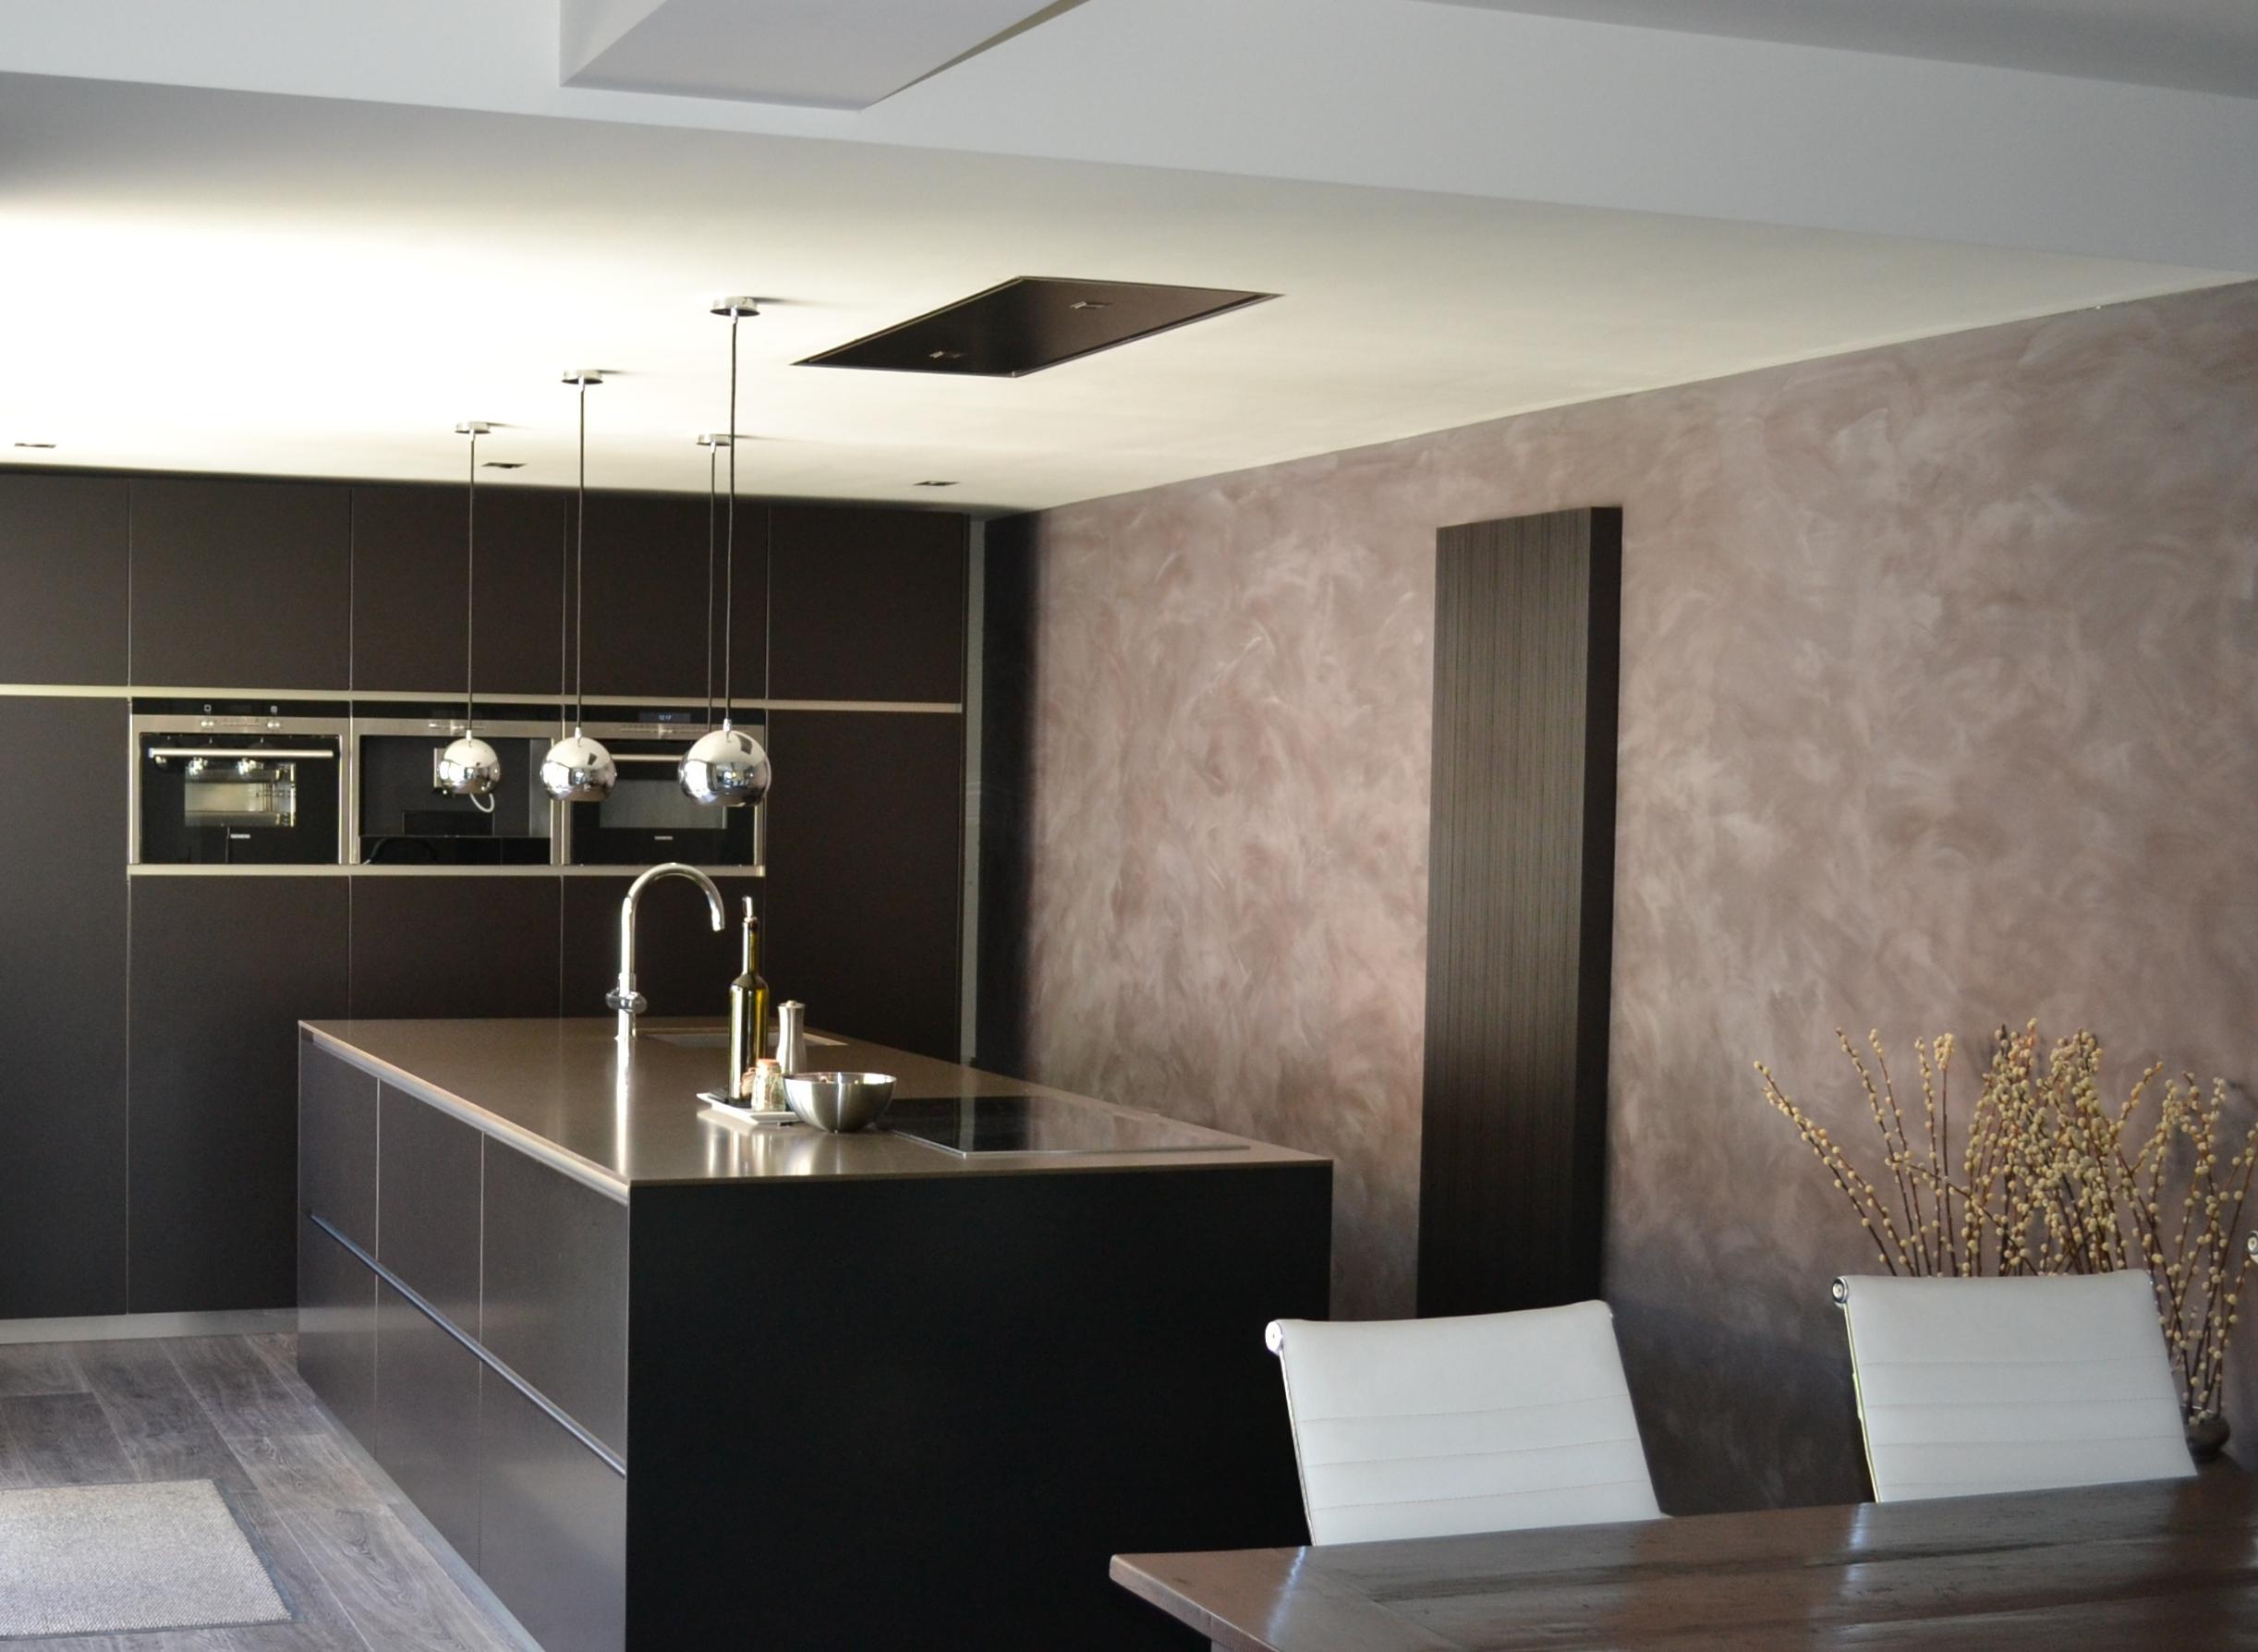 Keuken Zwart Mdf : Keuken, Zwart/Bruin met Composiet Werkblad – PDI Interieurbouw